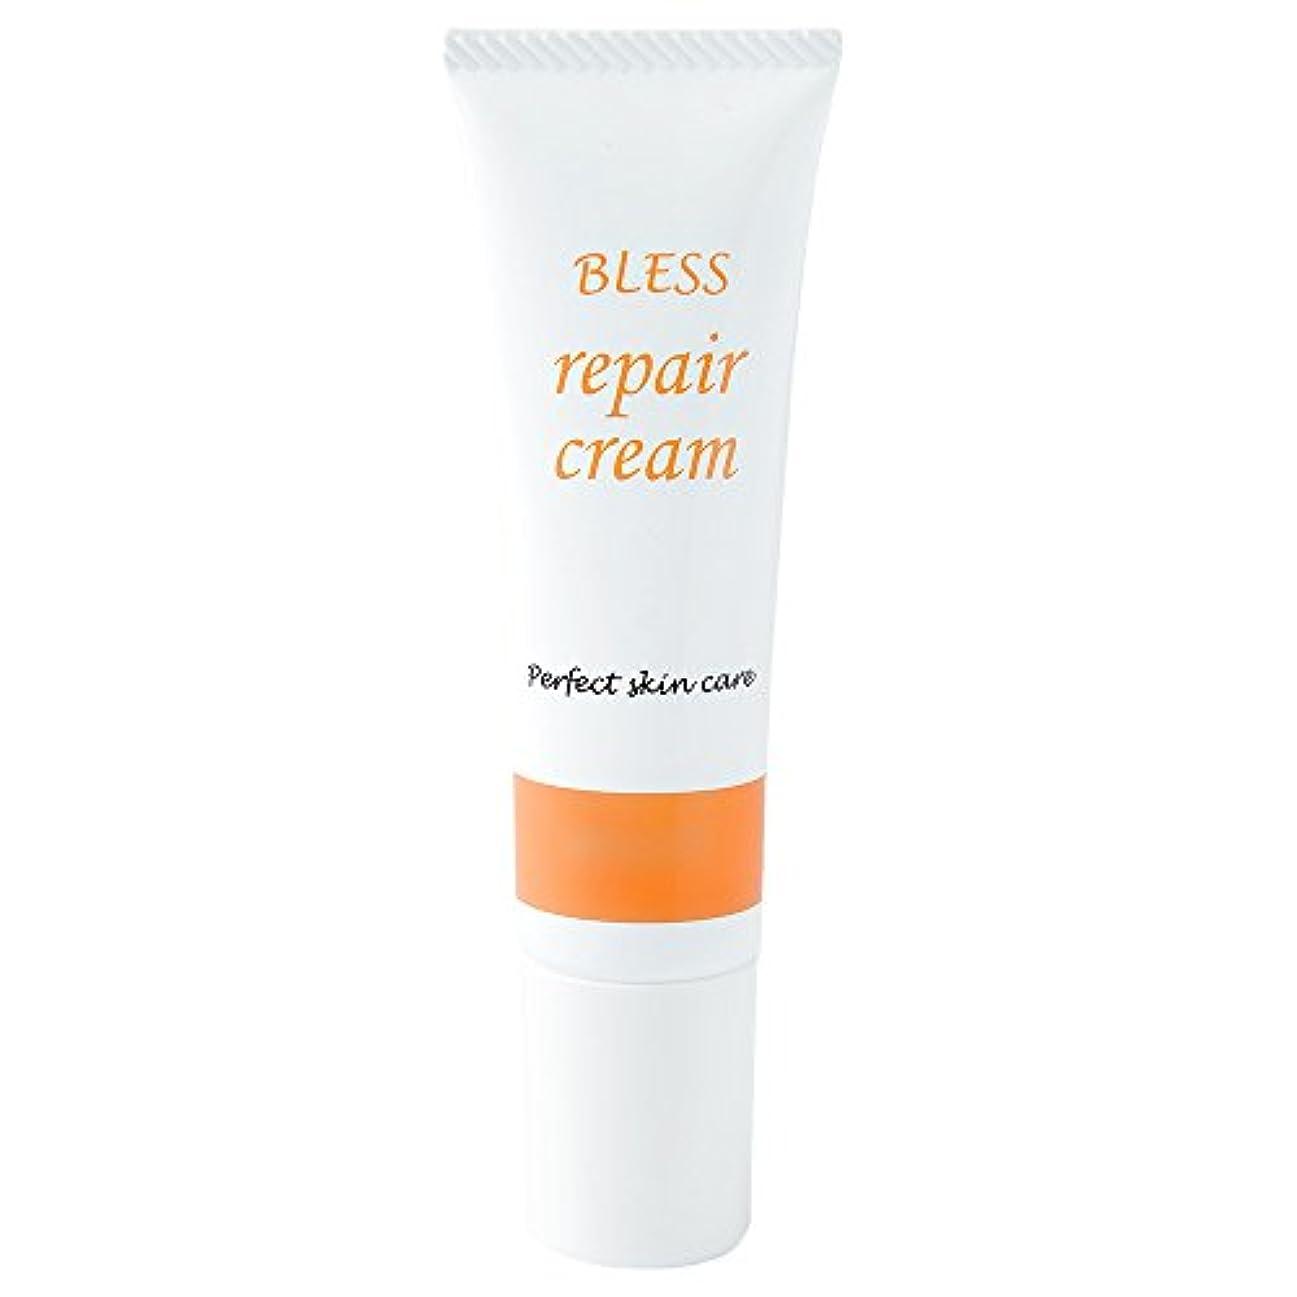 強化なんでも頭【BLESS】 しわ 対策用 エイジング リペアクリーム 30g 無添加 抗シワ評価試験済み製品 日本製 美容液